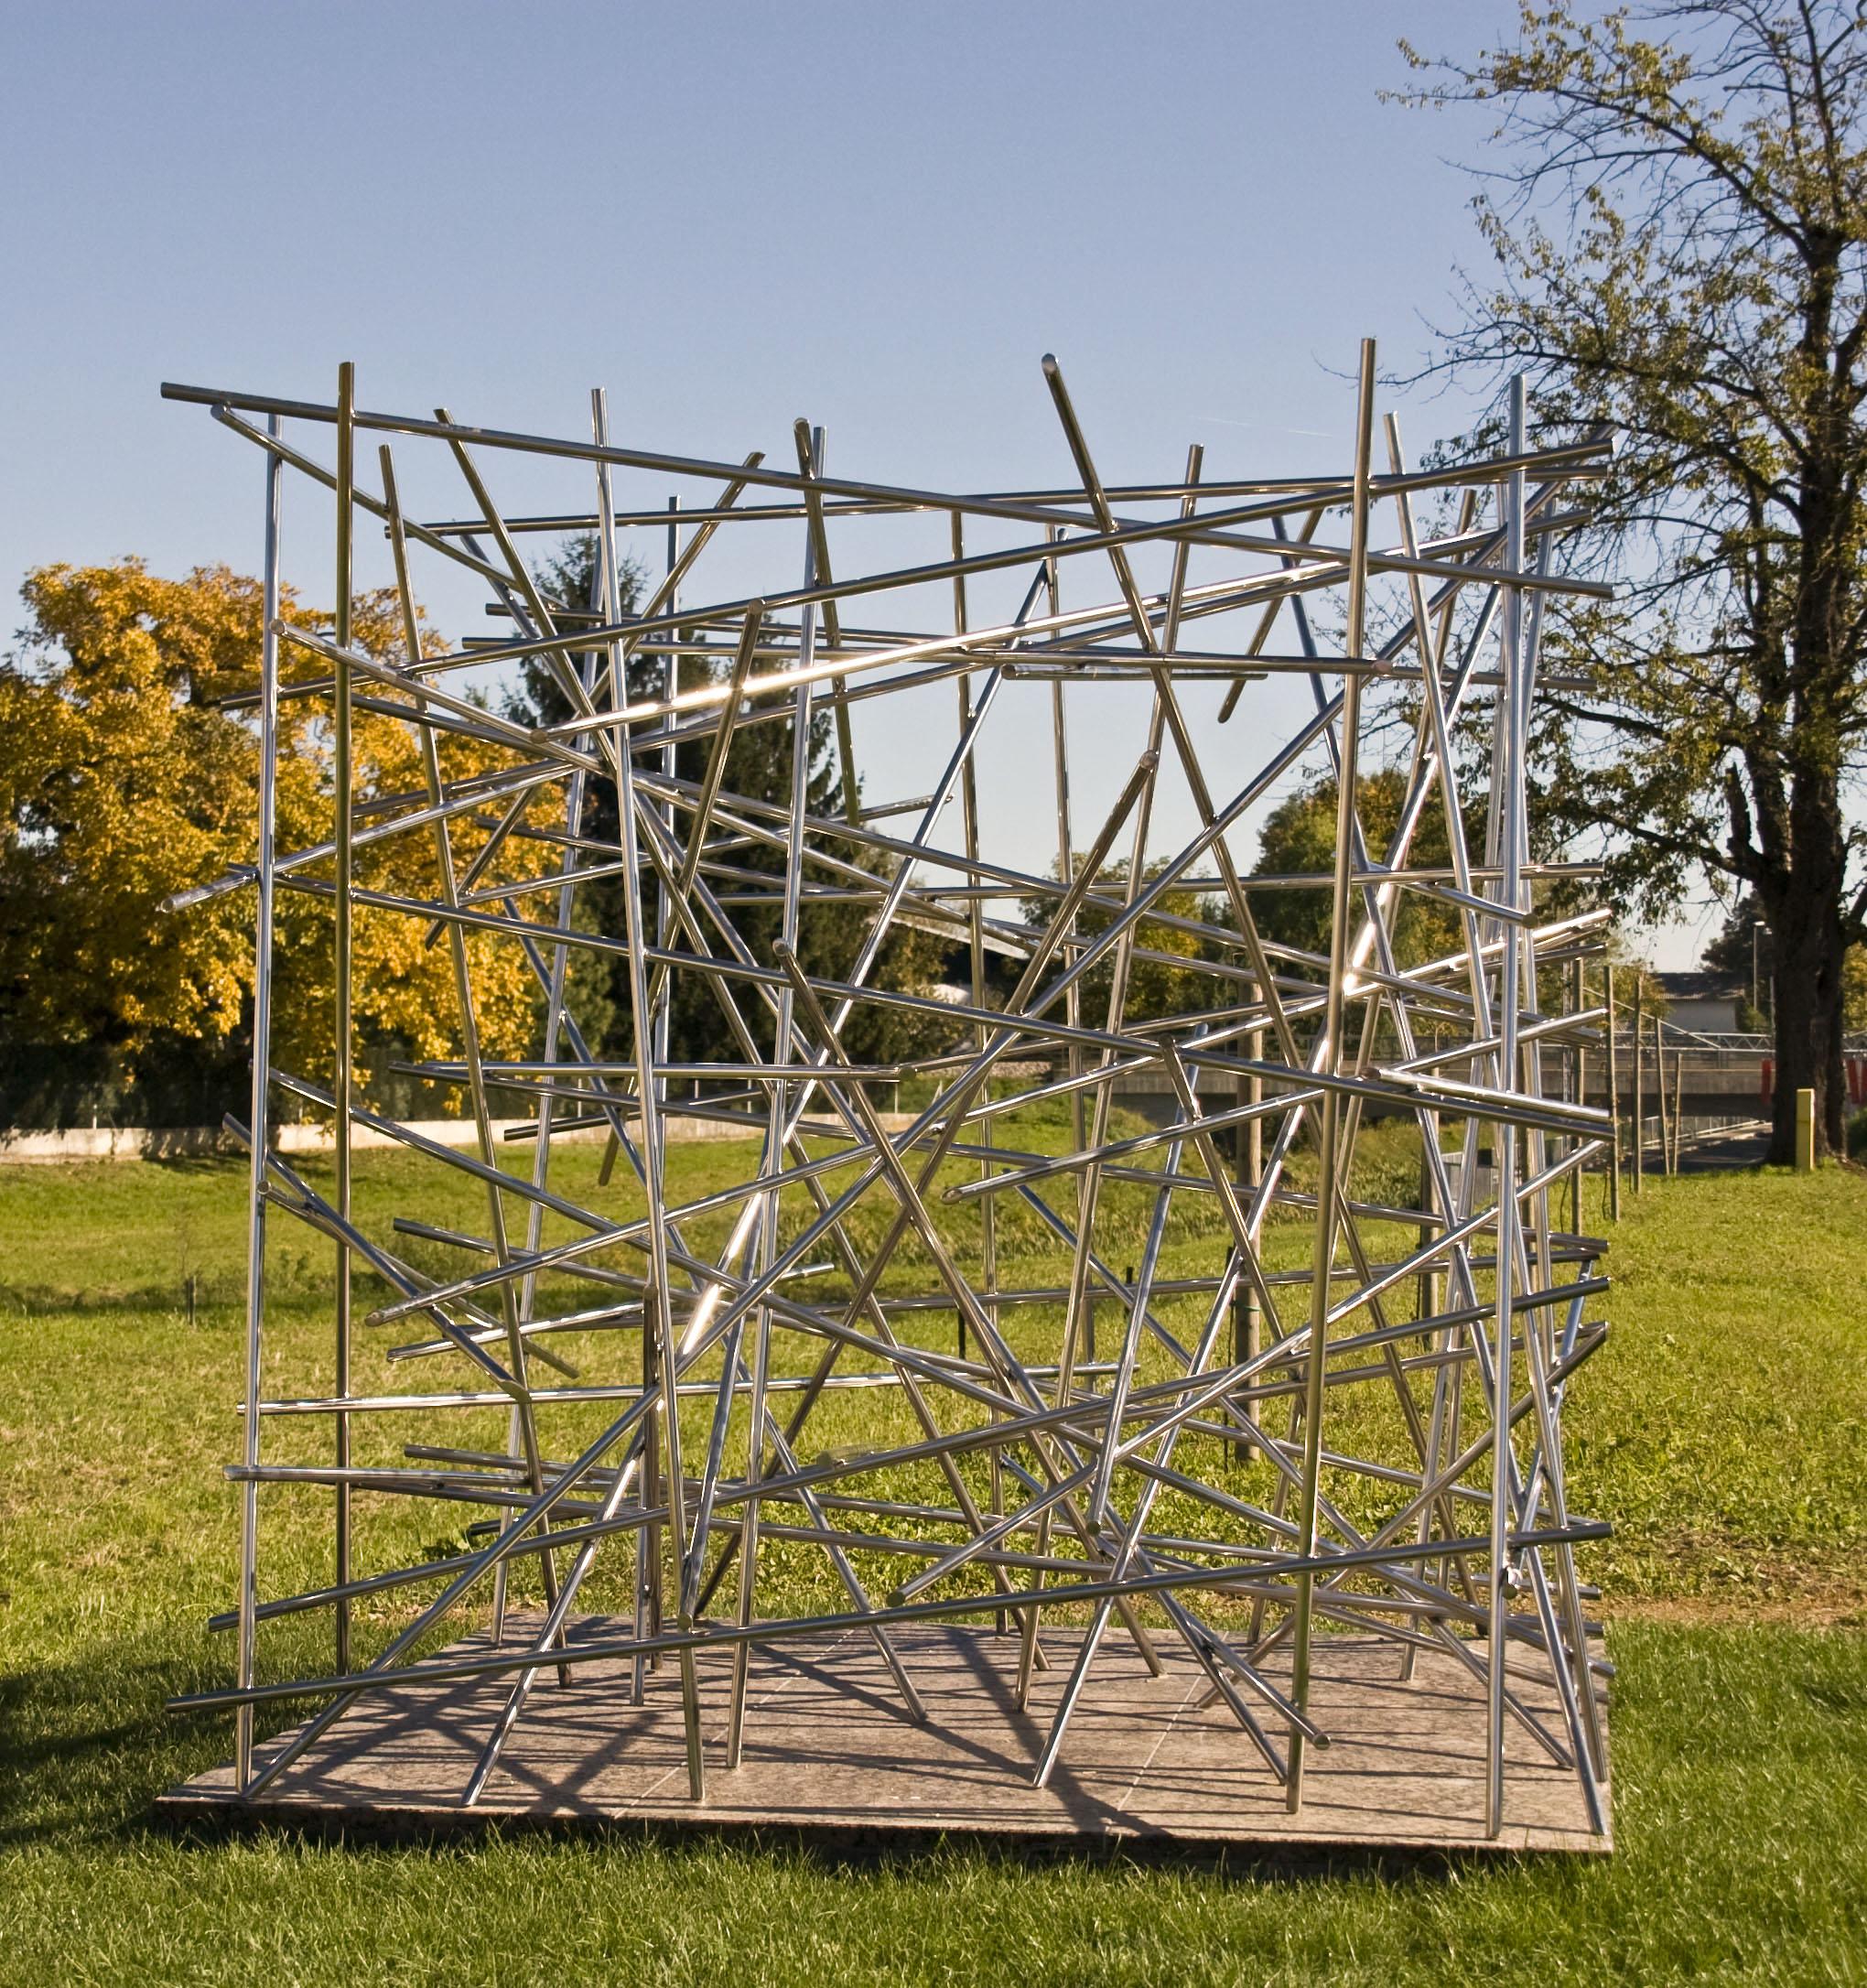 nerjaveče jeklo, 180 x 180 x 180 cm, 2012